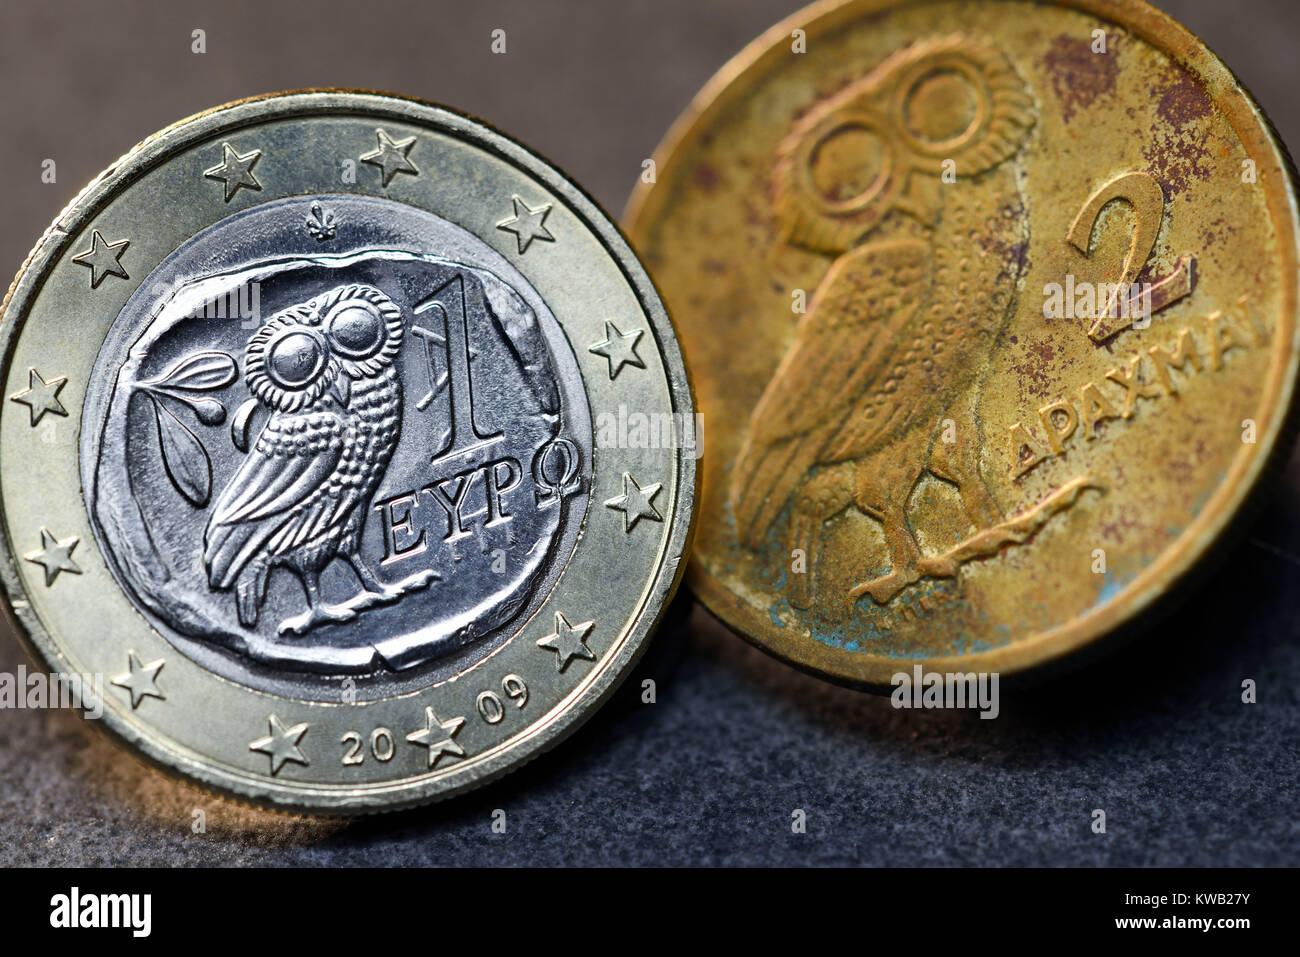 Euro-monedas uno griego y Griego, Griechische drachm Ein-Euro-M?nze und griechische Drachme, Griechische Ein-Euro-Muenze und griechische Drachme Foto de stock